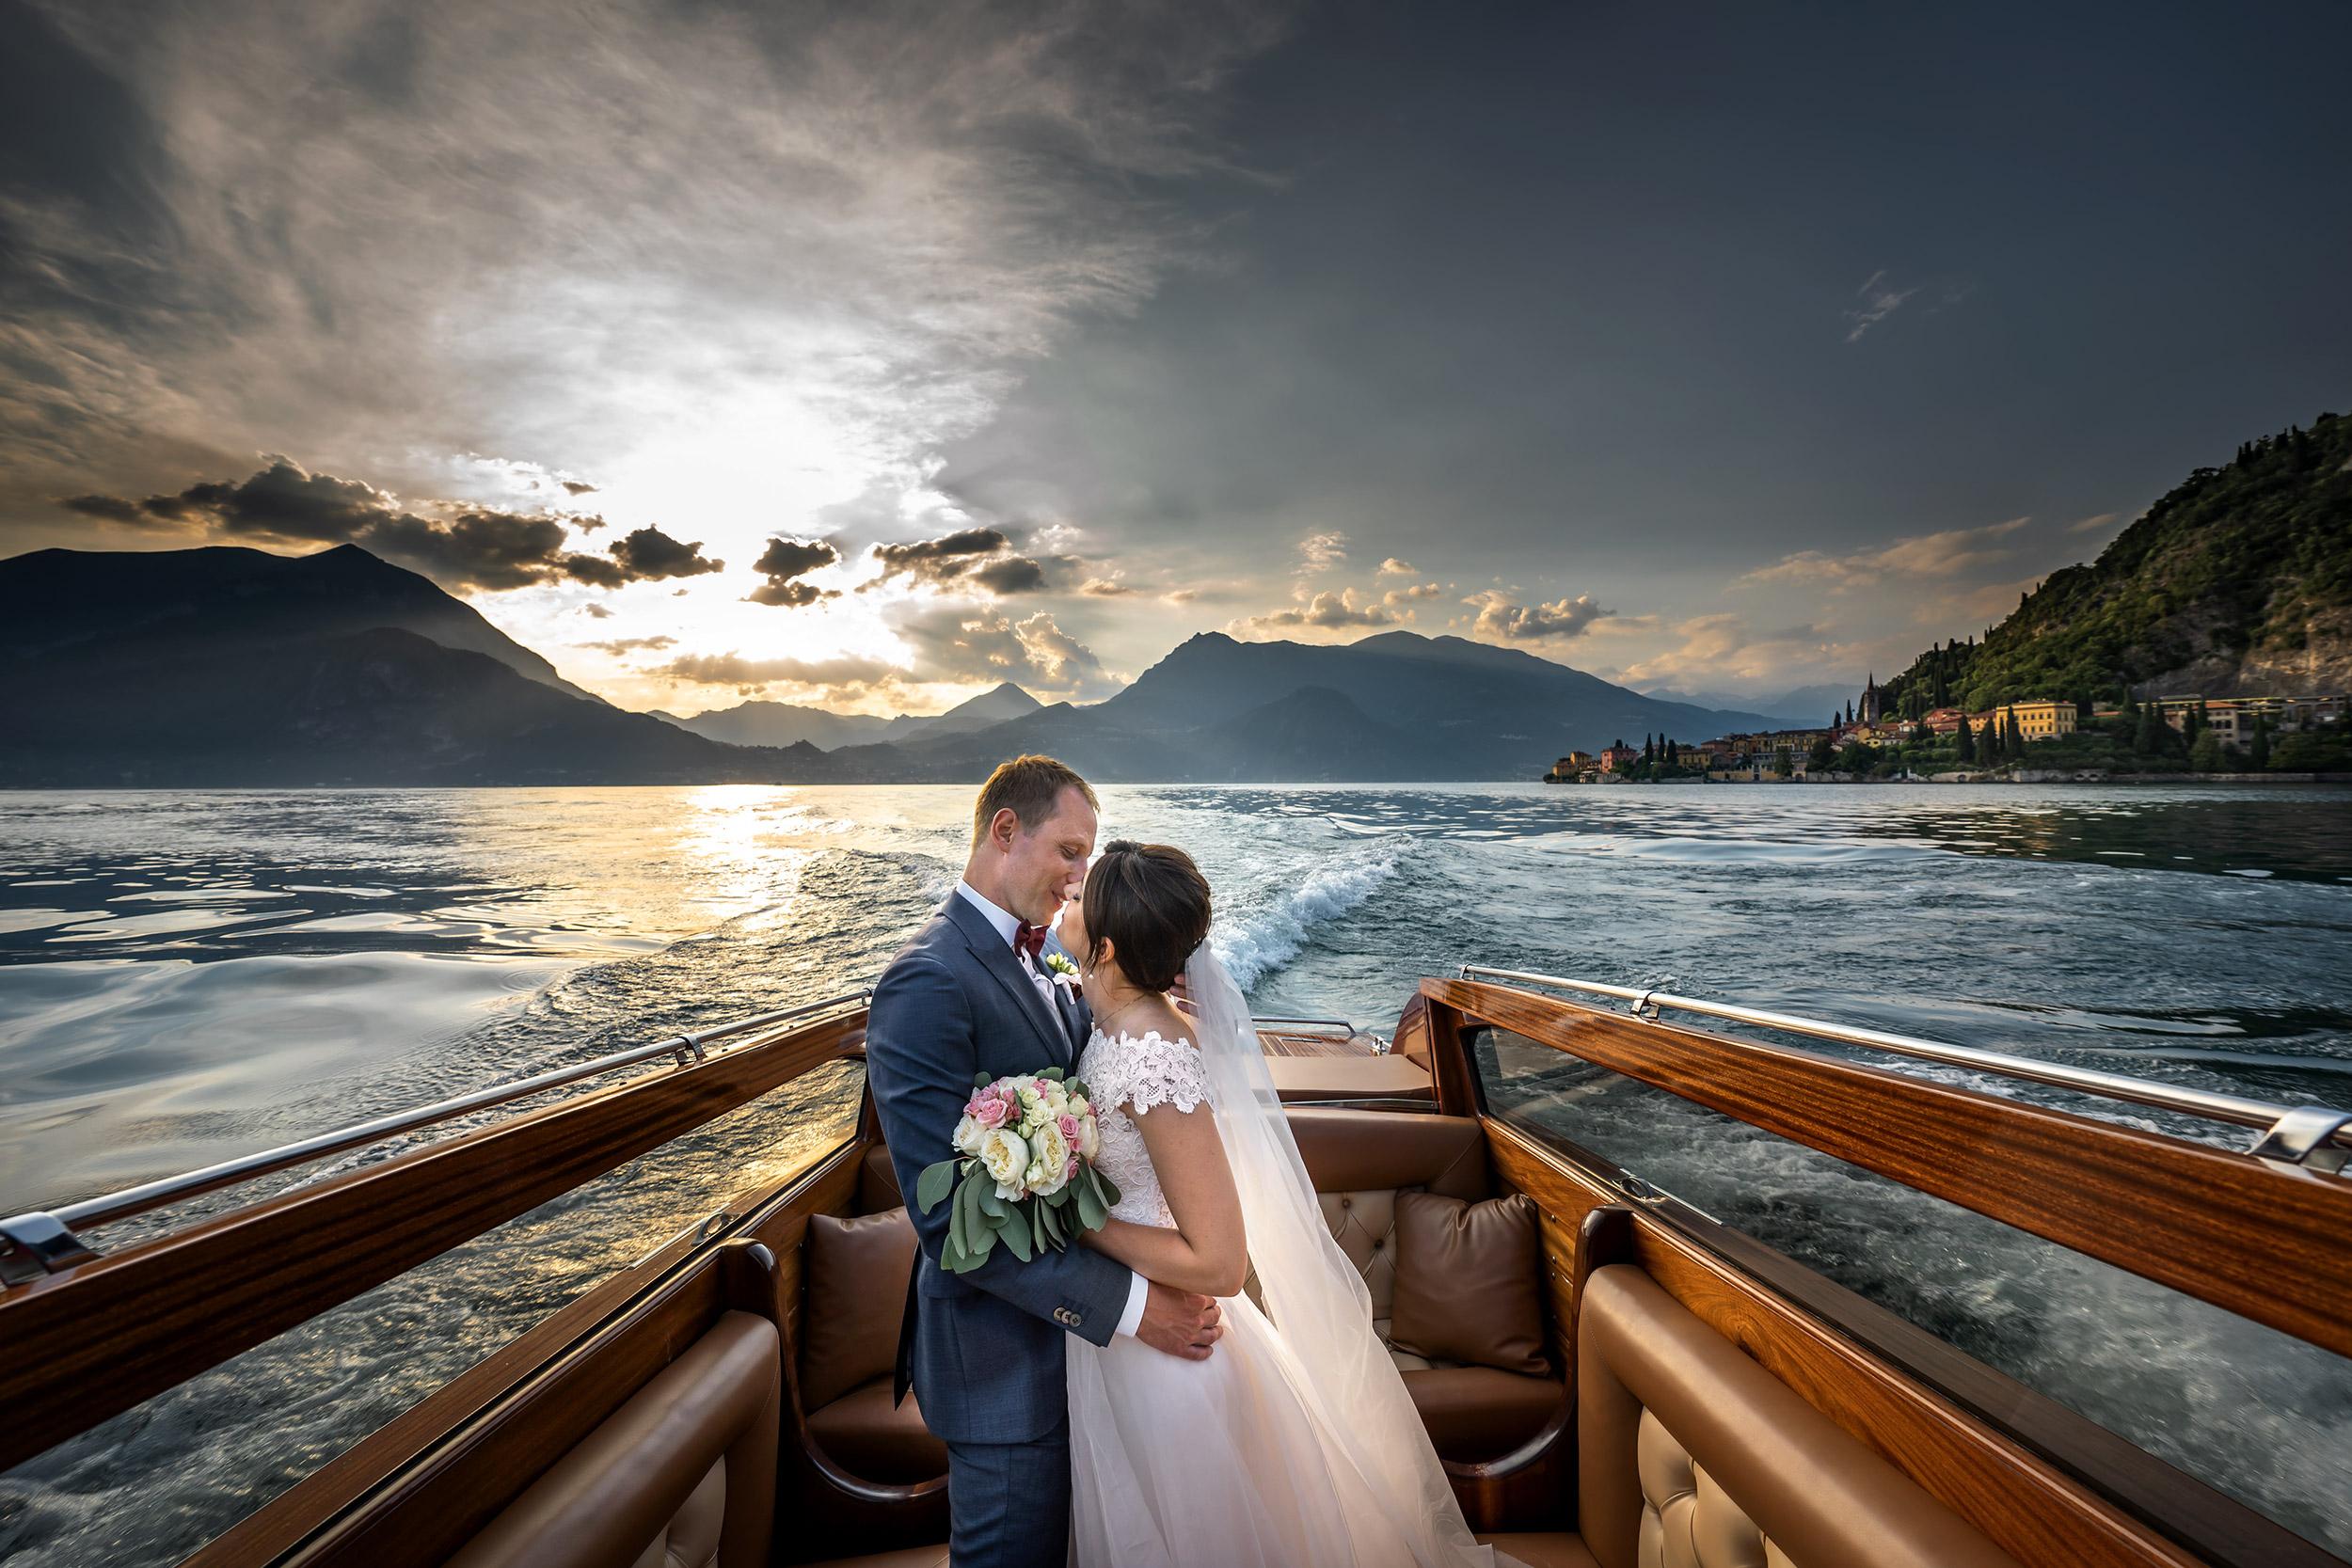 000 fotografo matrimonio reportage top wedding ritratto sposi motoscafo varenna lecco como lake copia